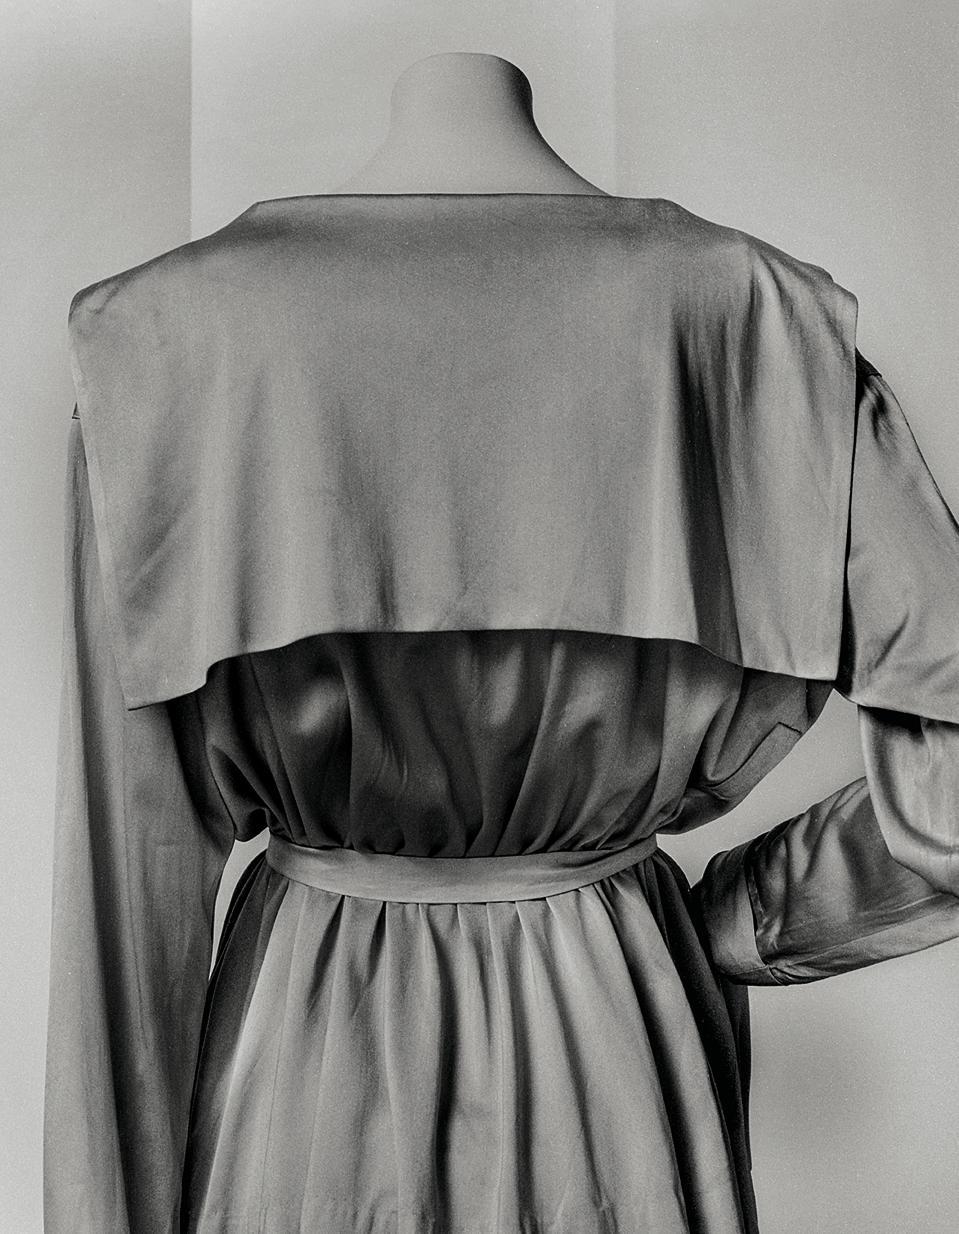 Chanel Summer 1916 ivory silk jersey marinière, Paris Patrimoine de CHANEL